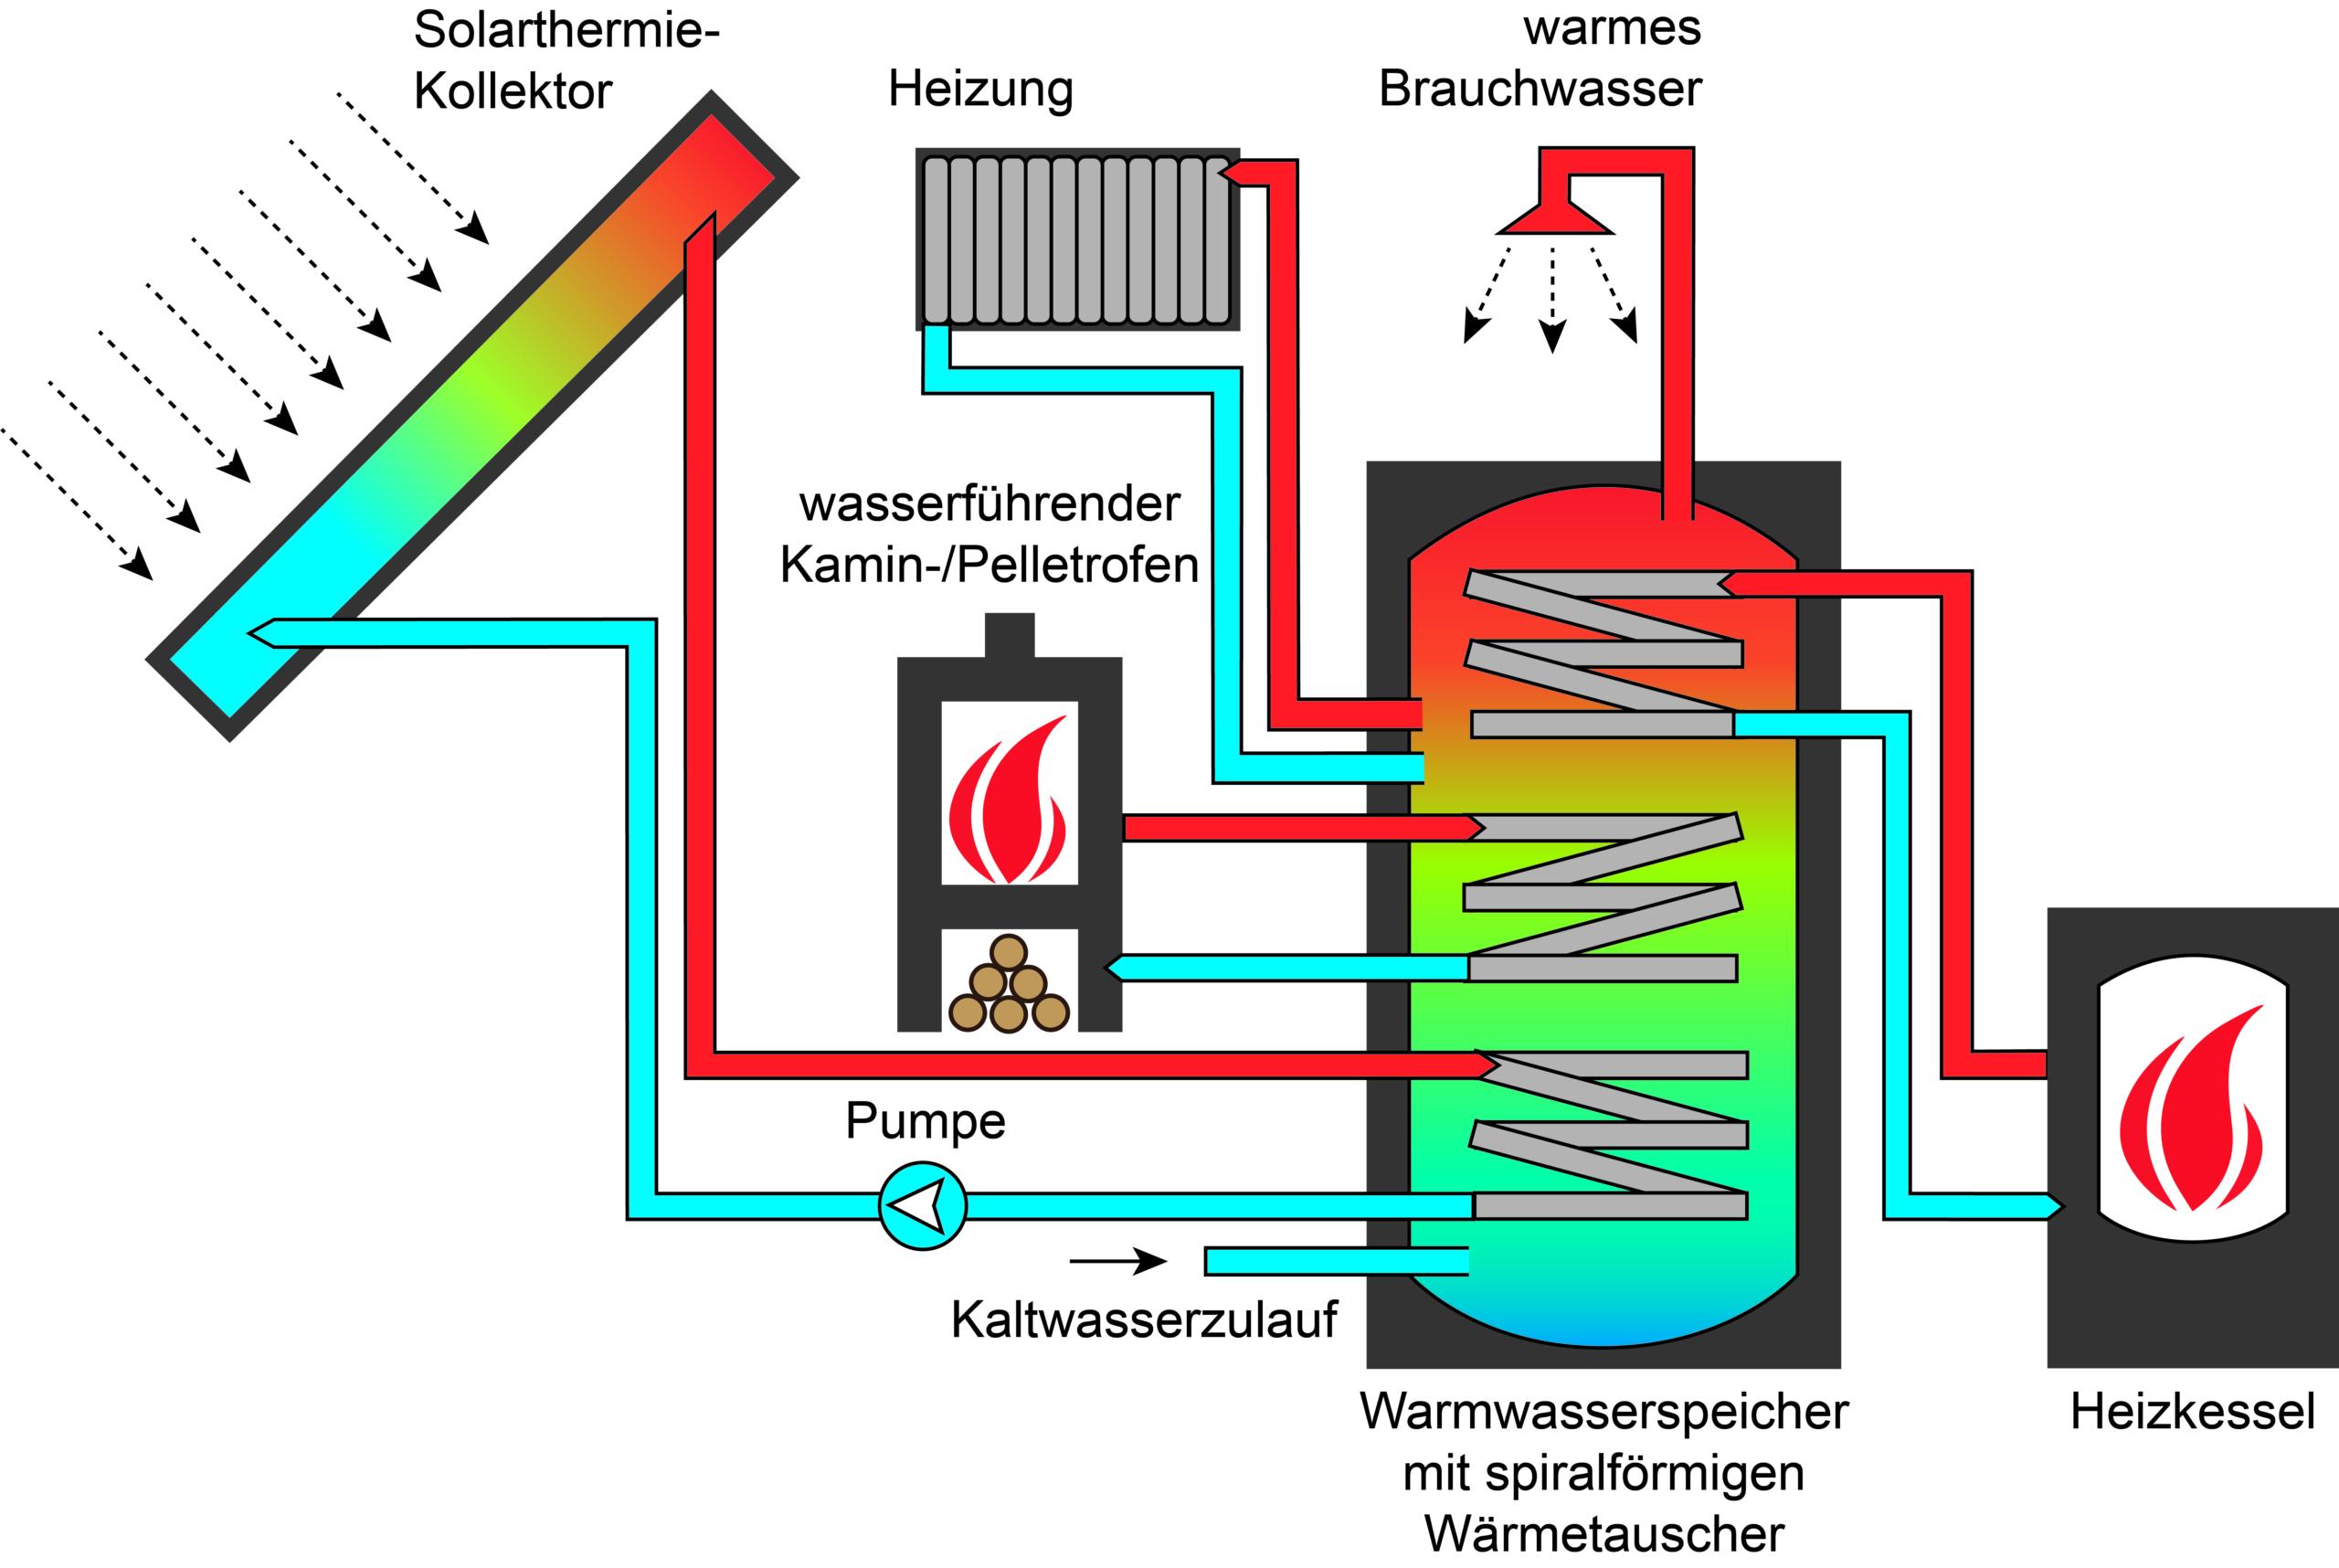 Schema Solarthermie in Kombination mit wasserführenden Kaminofen